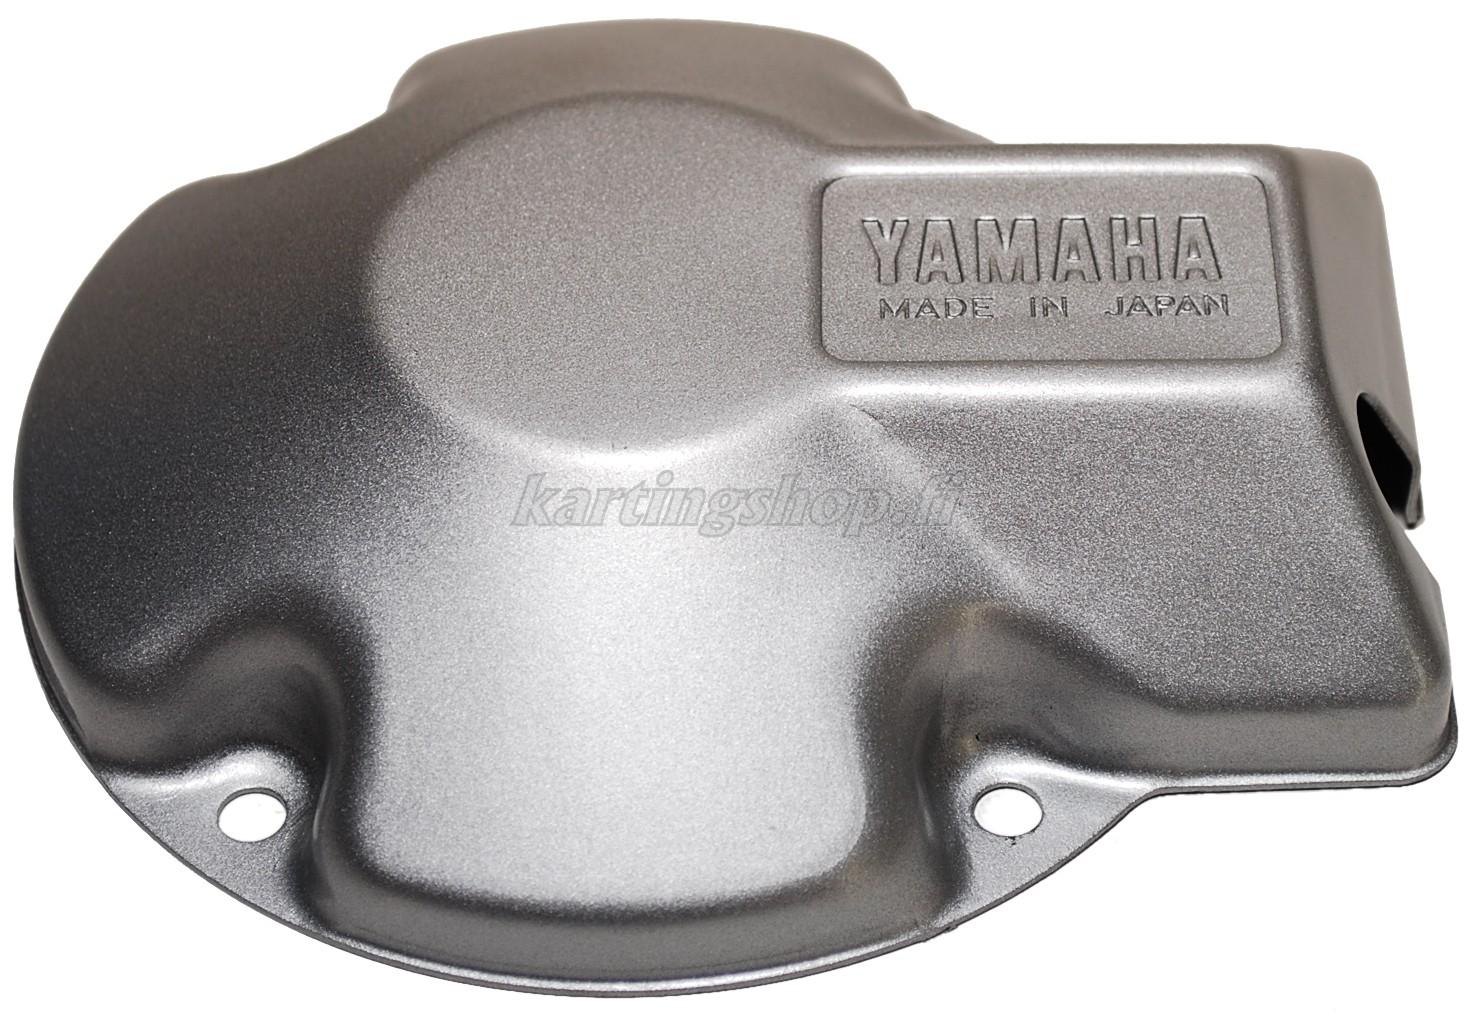 Yamaha KT 100 Virtapuolen suojakoppa 7F6-15411-02-00